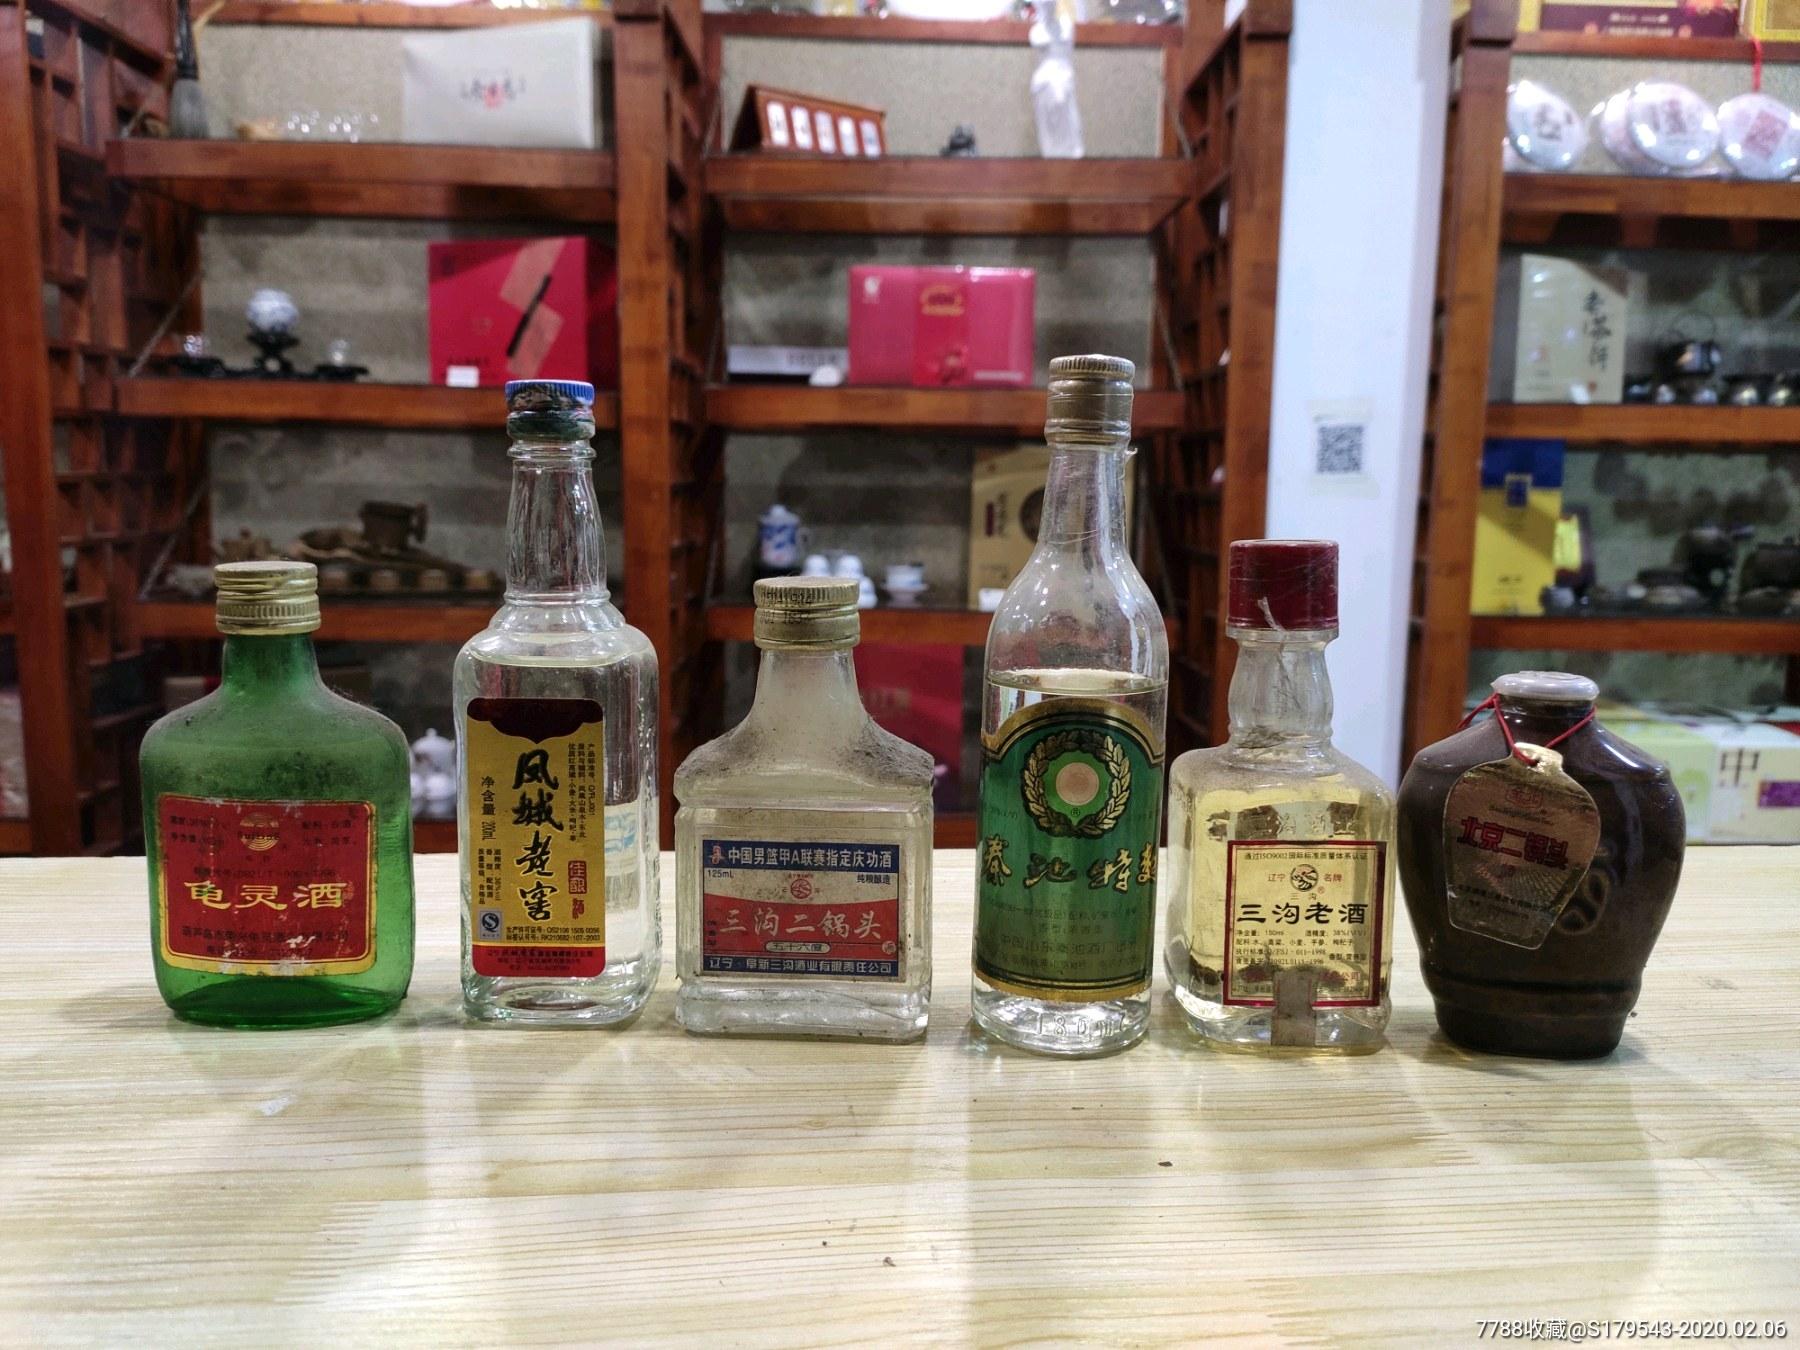 6瓶酒版!!干一轮。。都是稀缺品种。。多网孤品!超低价起拍。。(au22235418)_